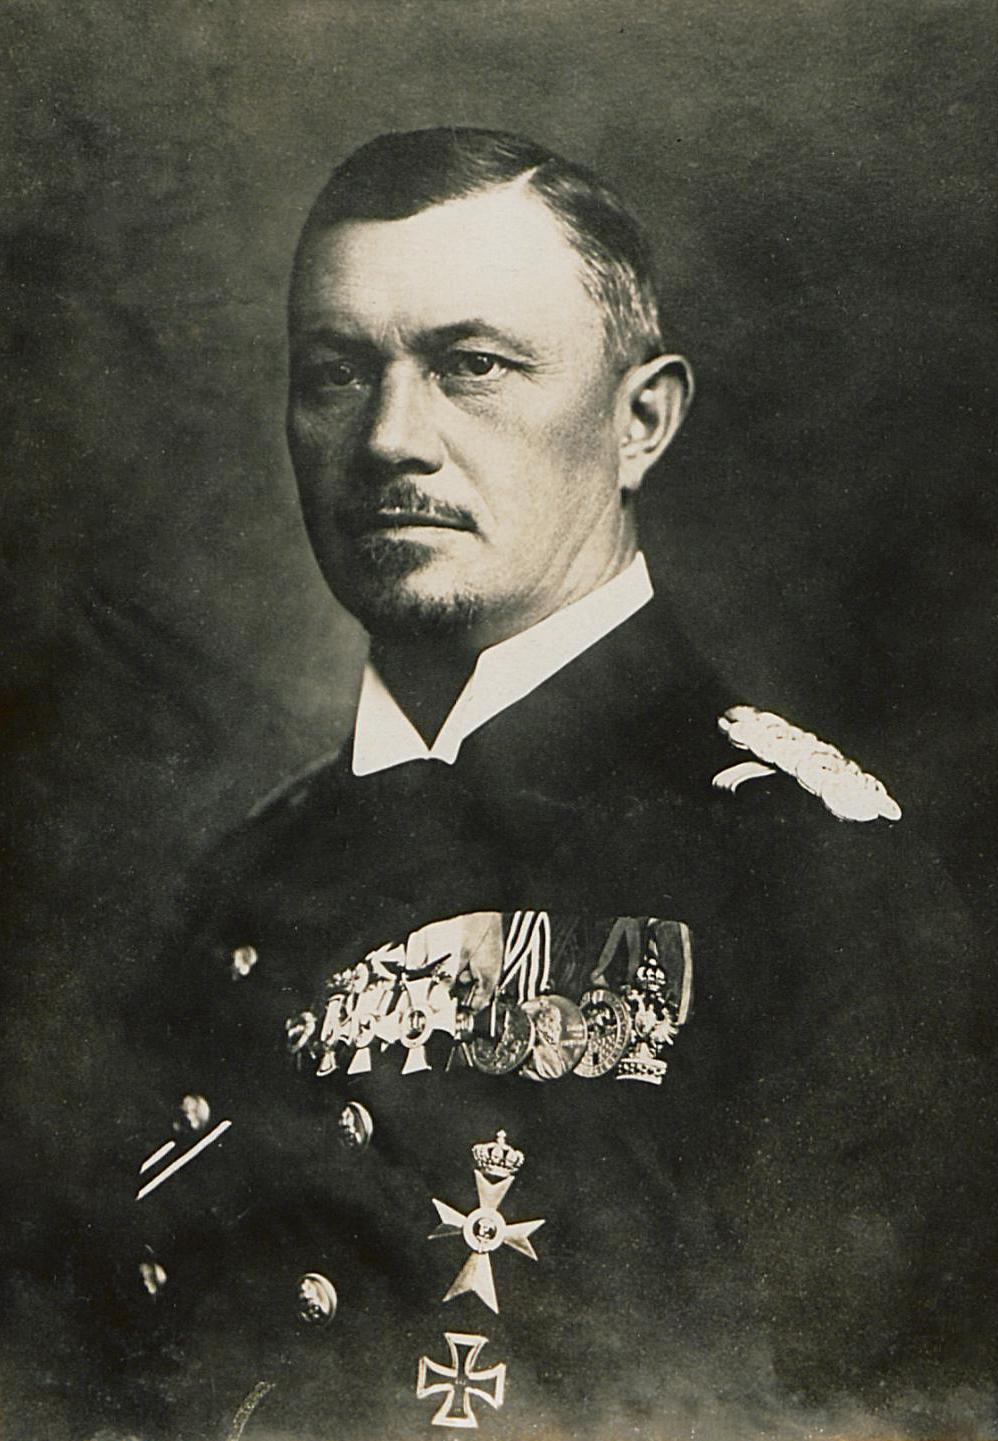 Depiction of Reinhard Scheer